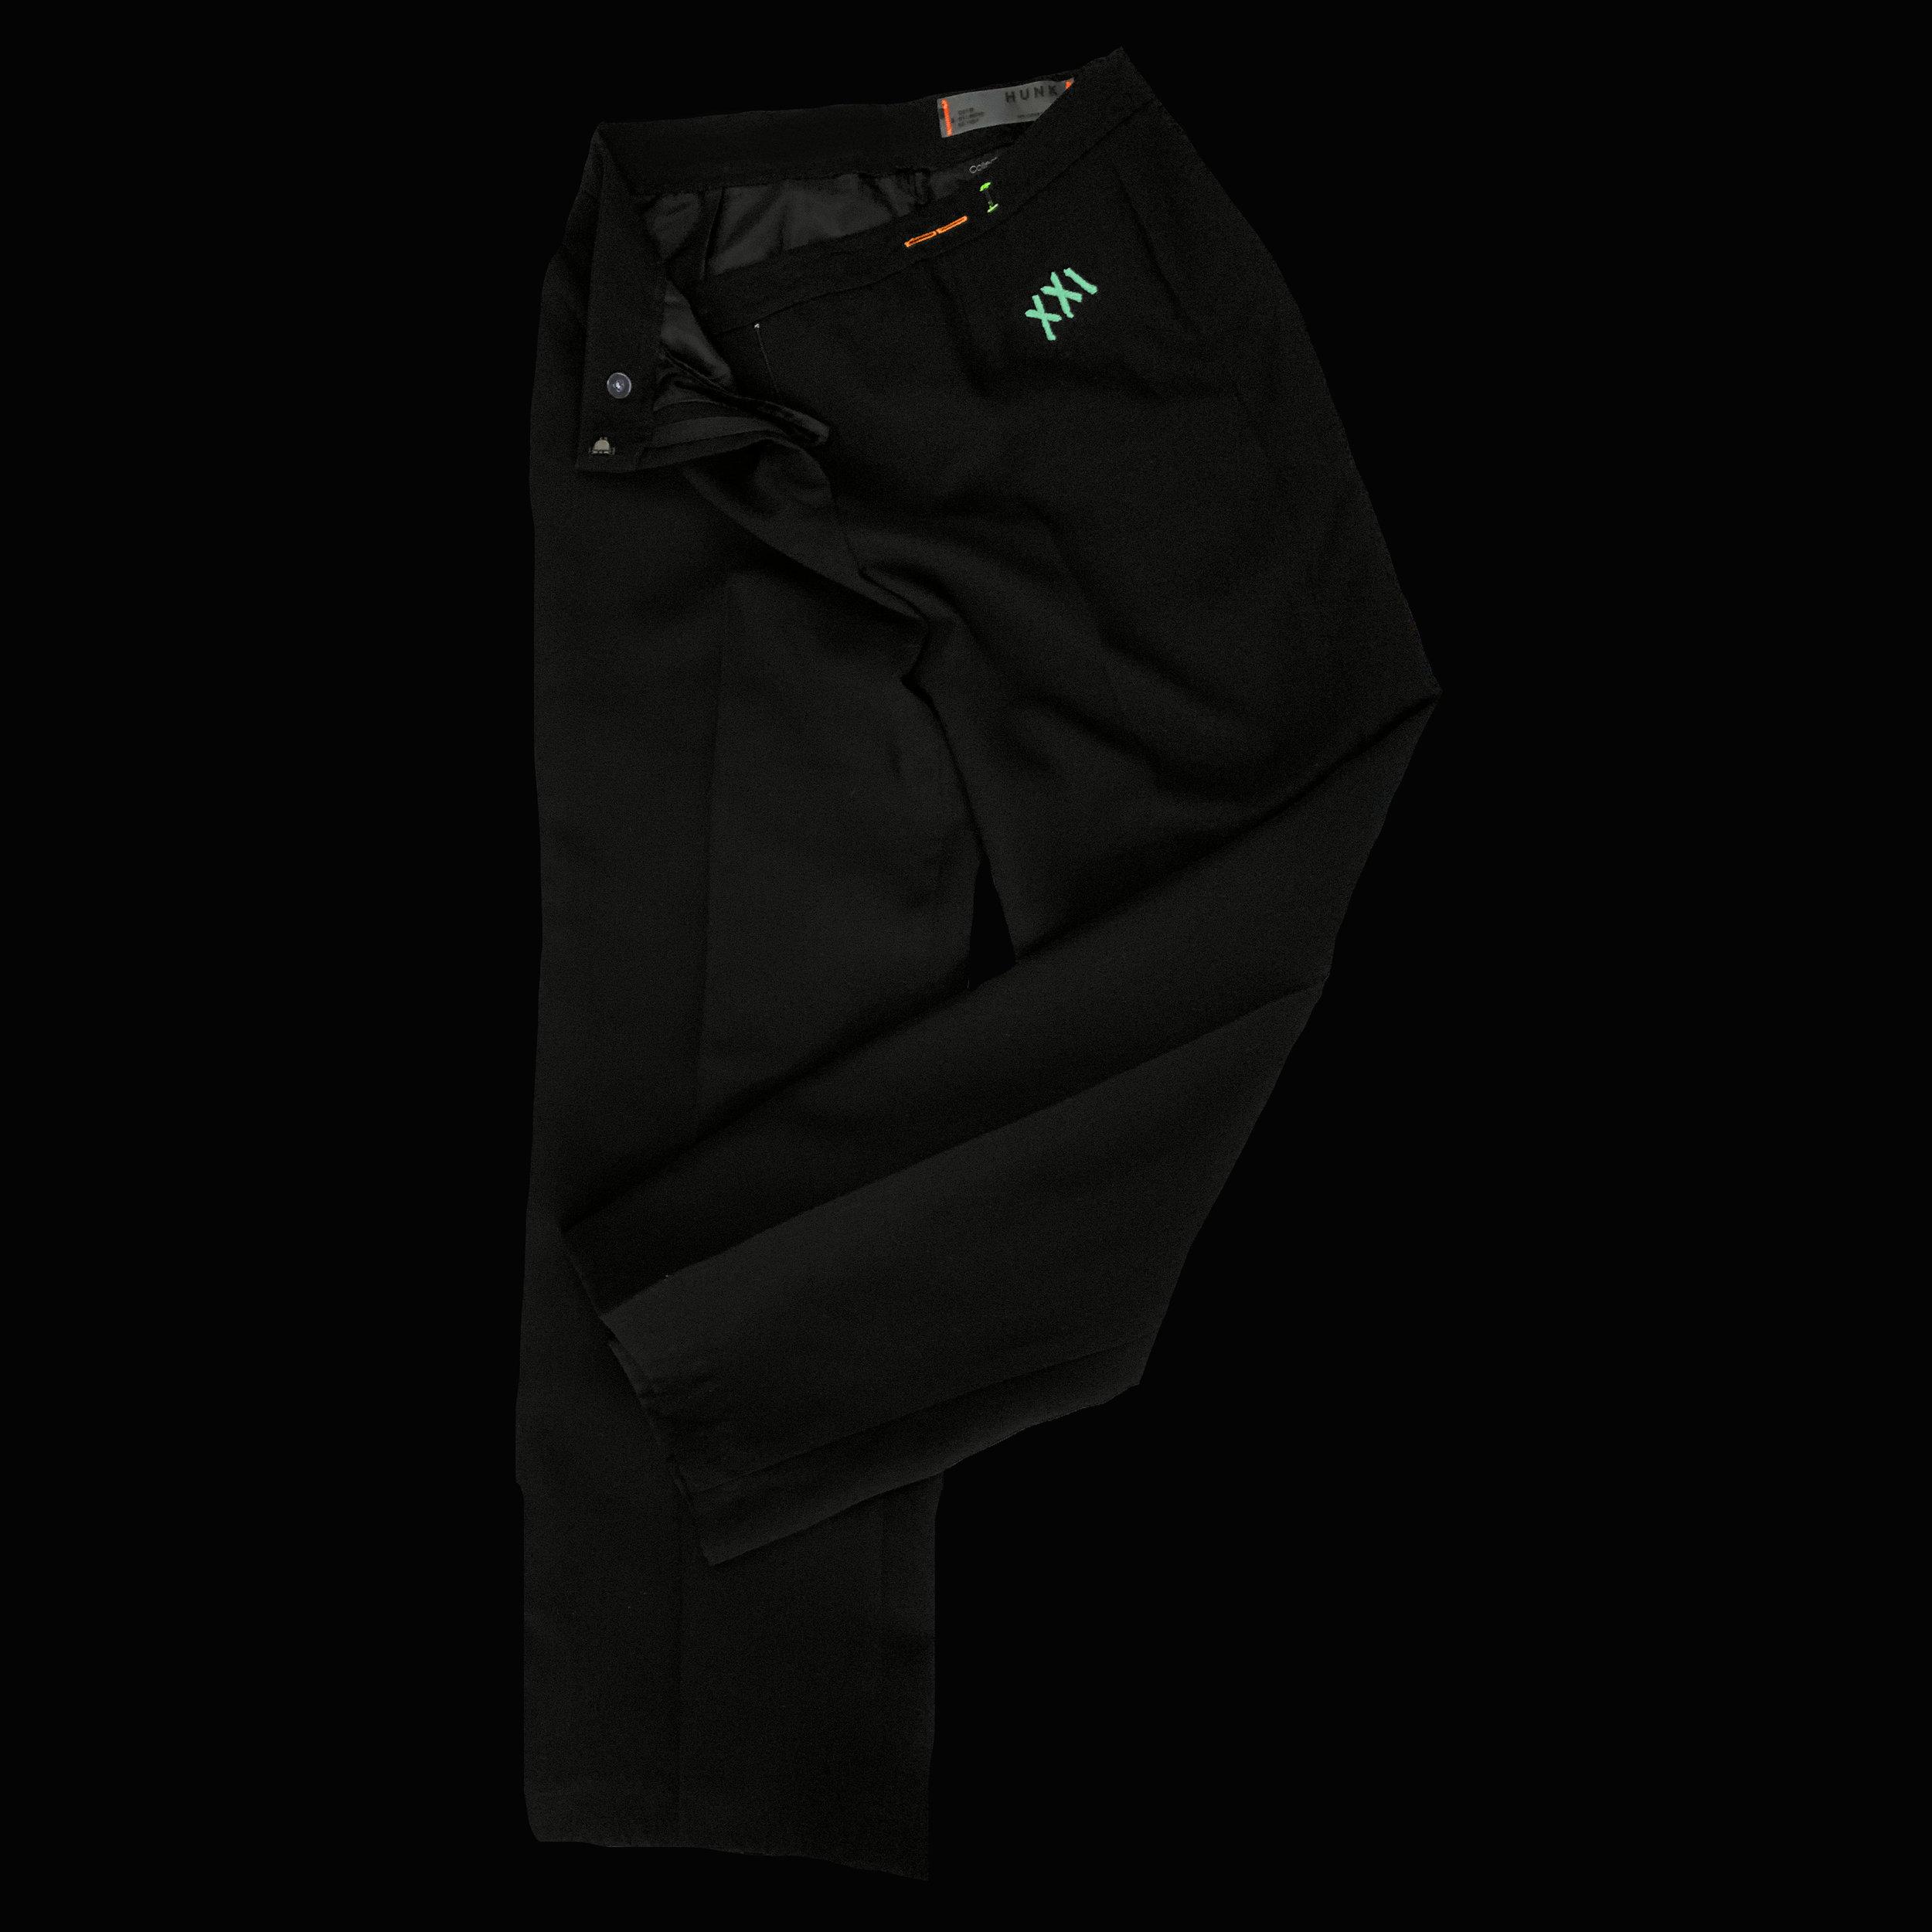 Suit Pants Leg Folded Black Black.jpg